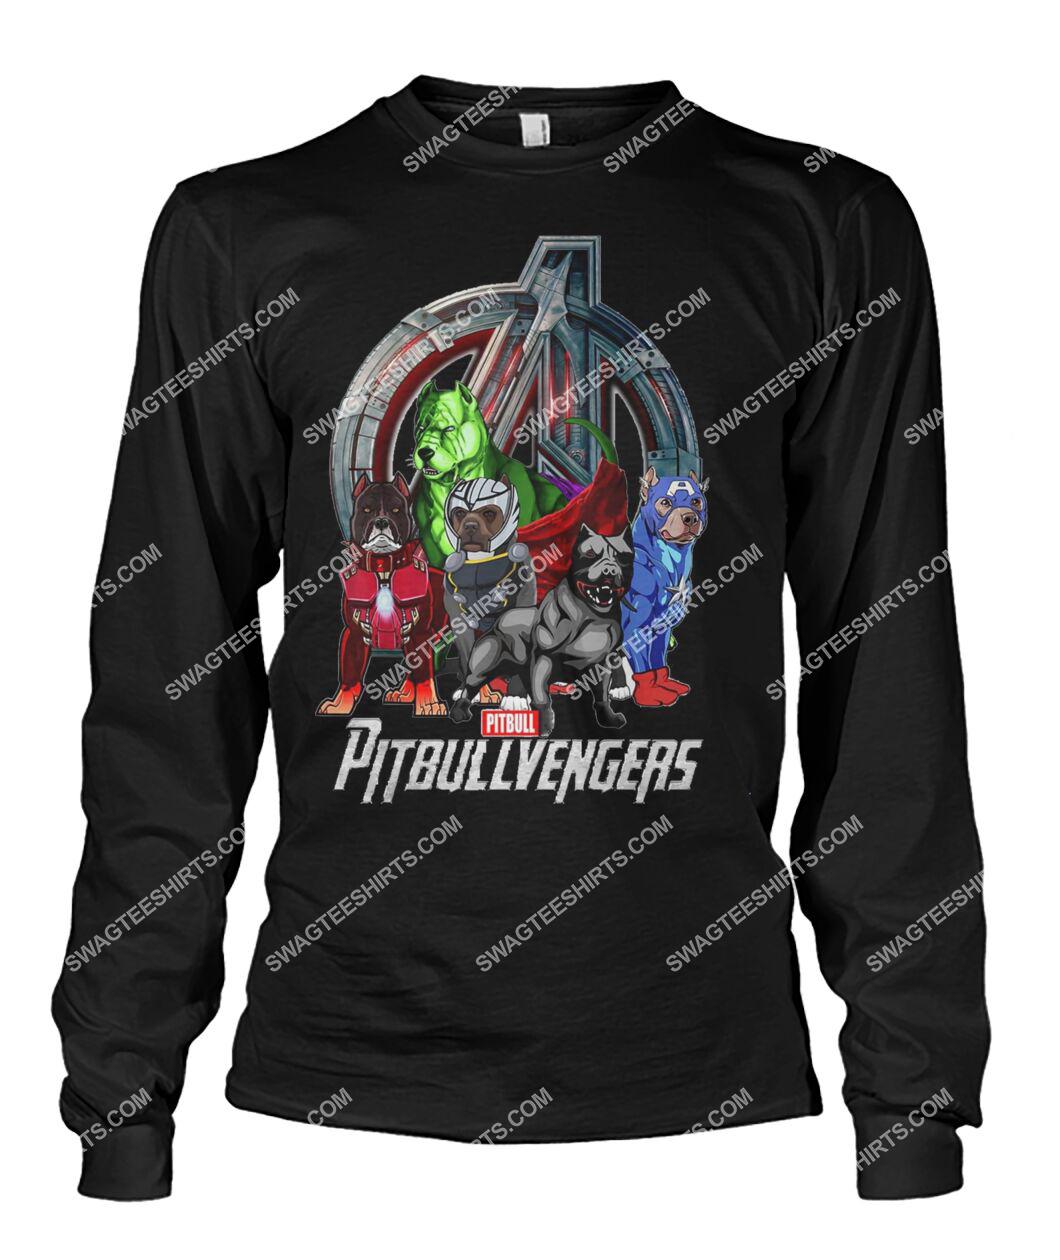 pit bull pitbullvengers marvel avengers dogs lover sweatshirt 1